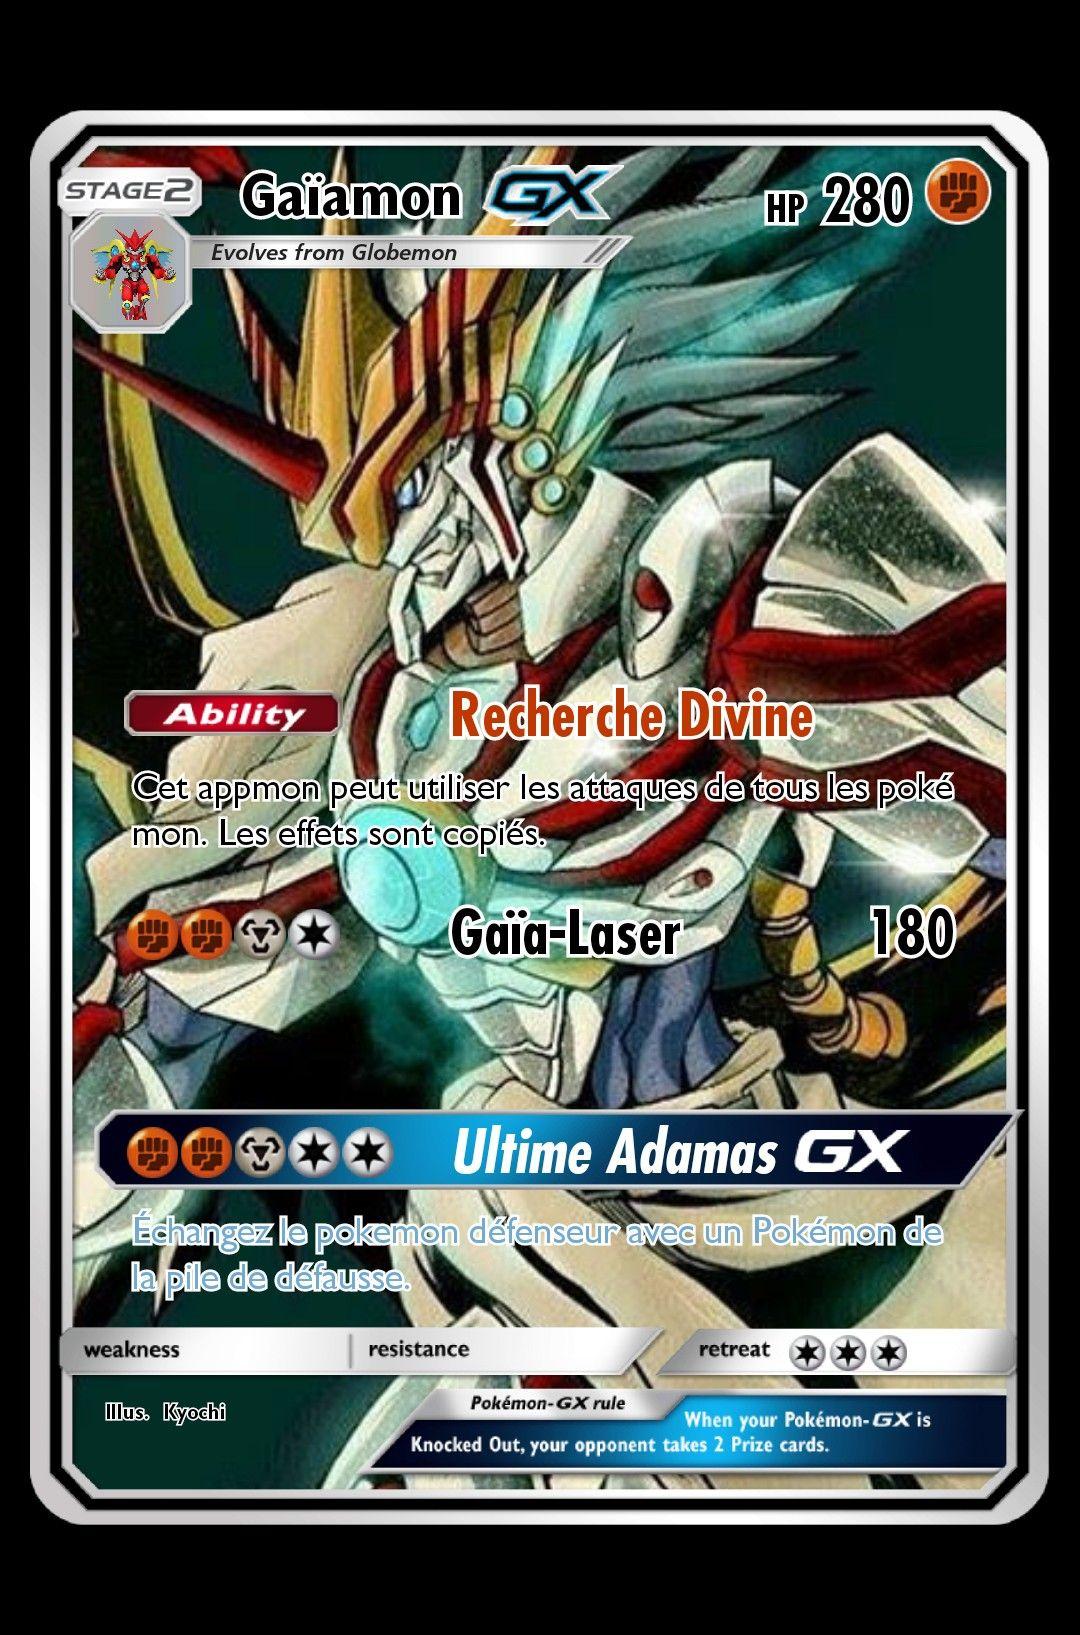 photo de carte pokemon gx Digimon appmon gaïamon carte pokémon gx | Fake pokemon cards